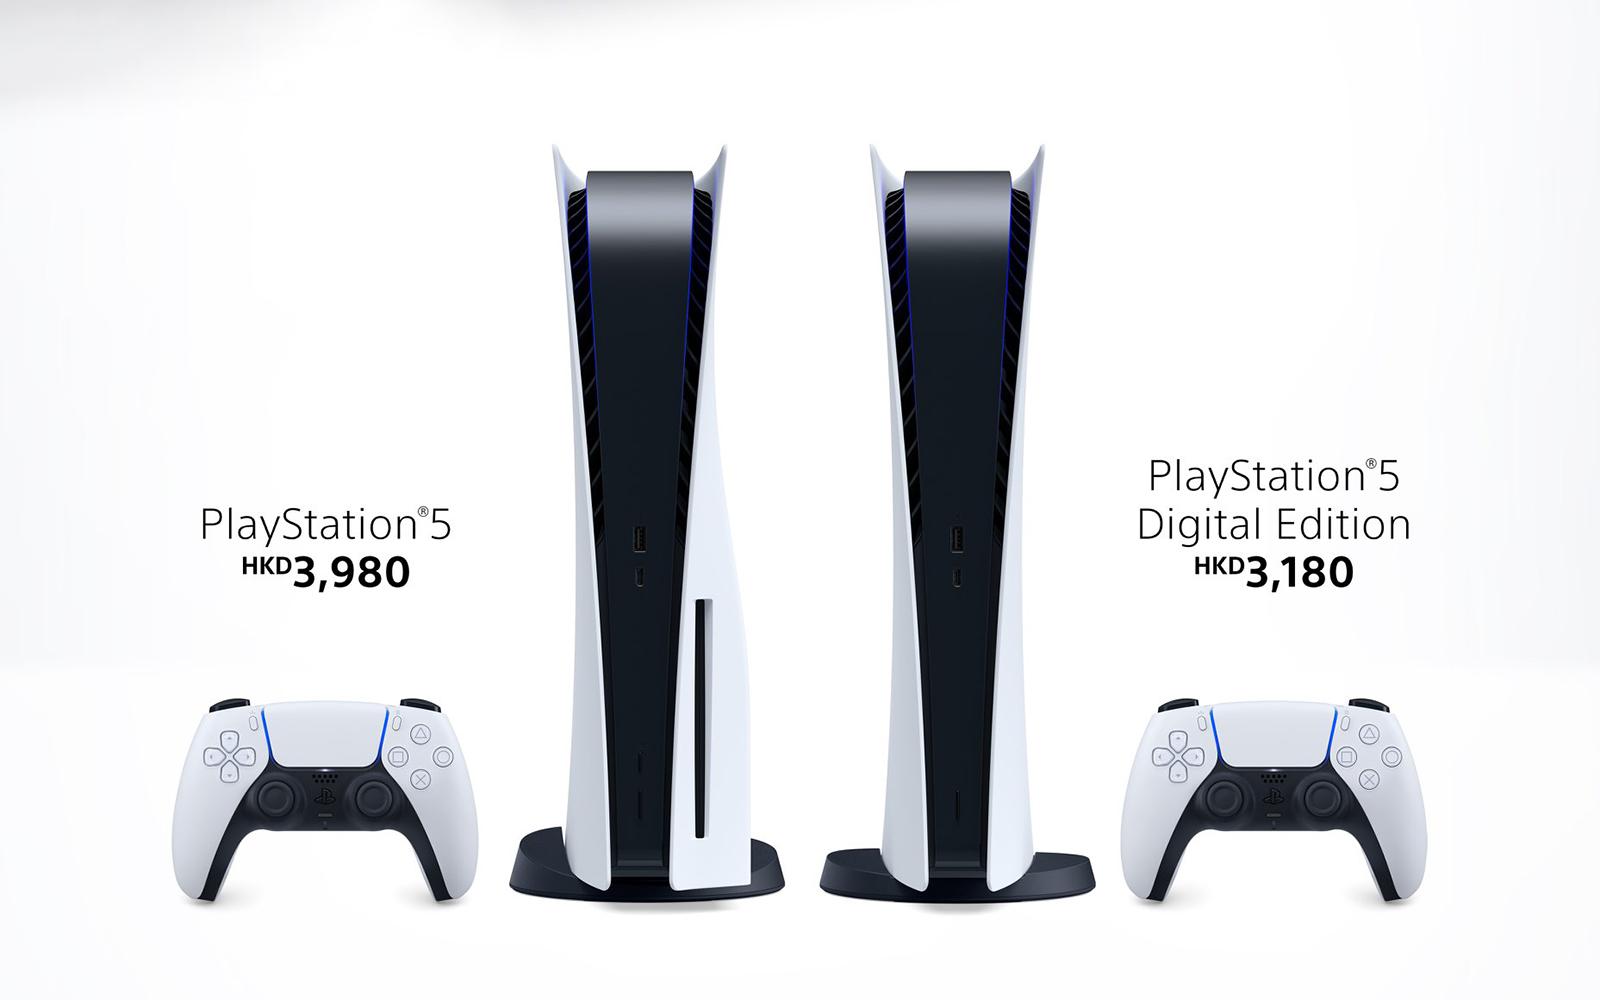 PS5 HK price